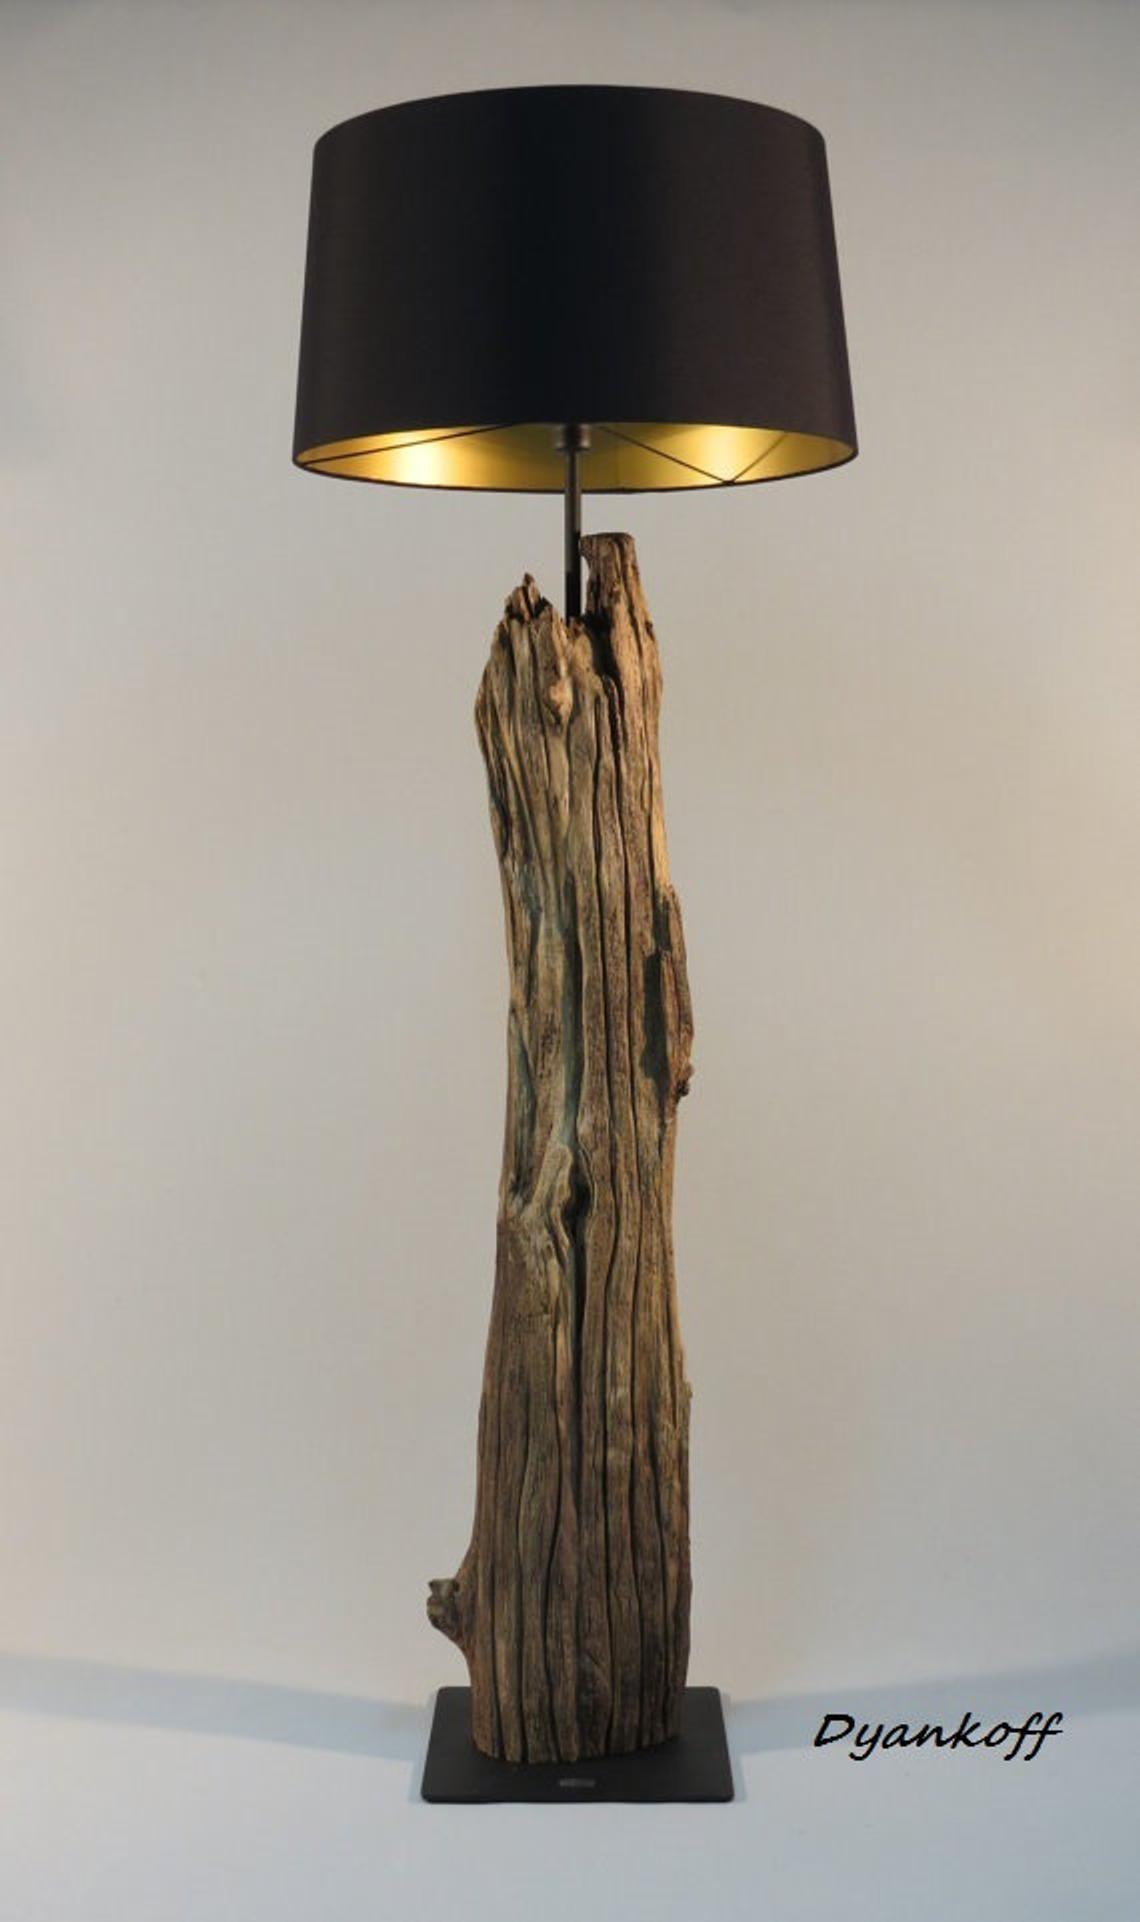 Ooak Handgemaakte Vloerlamp Art Houten Staan Drum Lampenkap